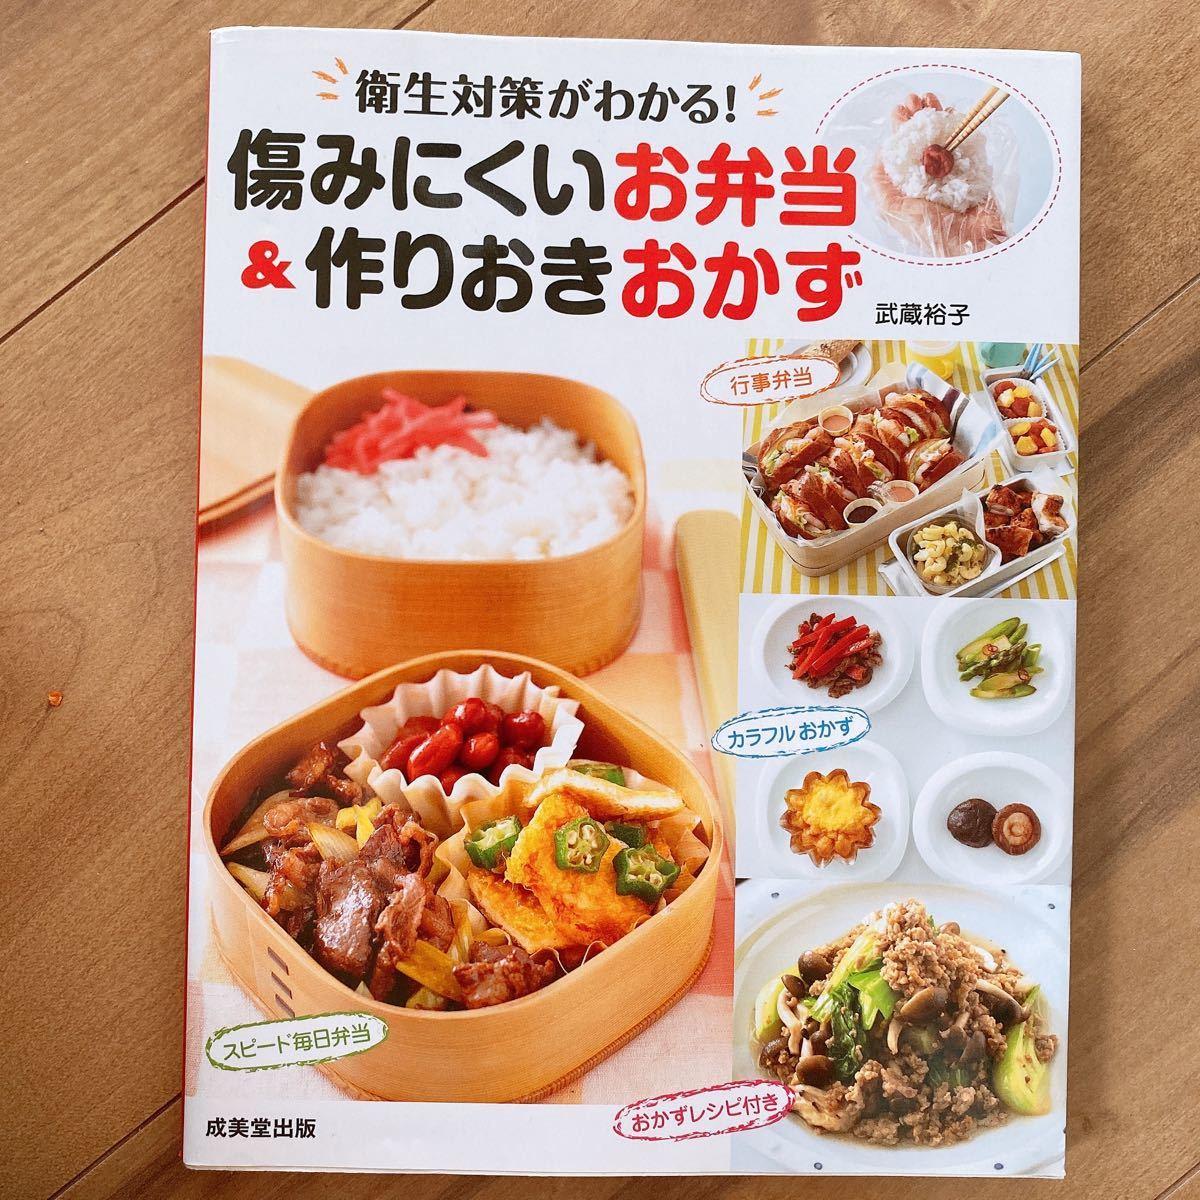 傷みにくいお弁当&作りおきおかず : 衛生対策がわかる! : おかずレシピ付き